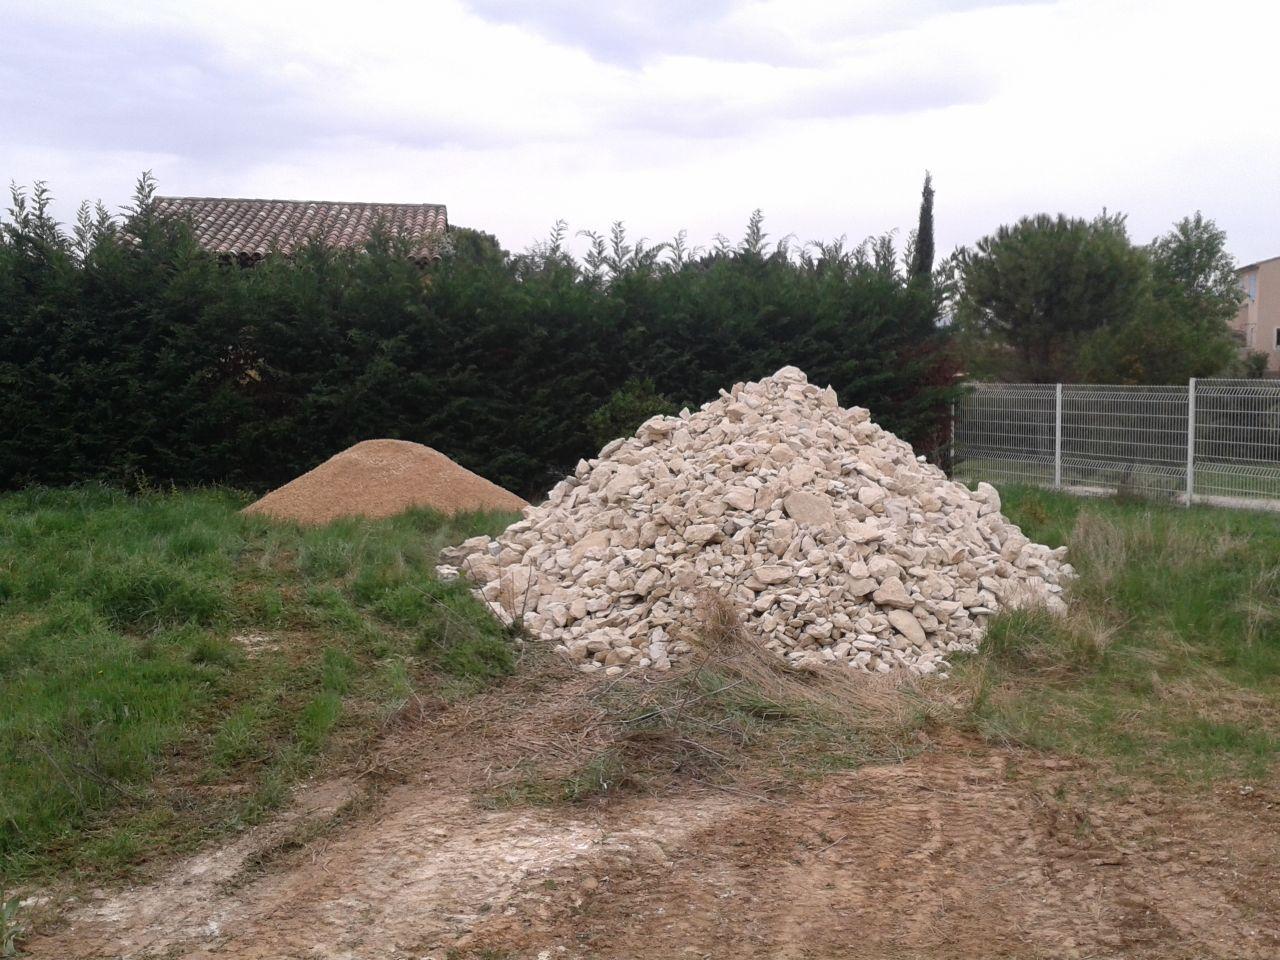 Livraison des pierres pour les gabions pour contenir le remblai du jardin